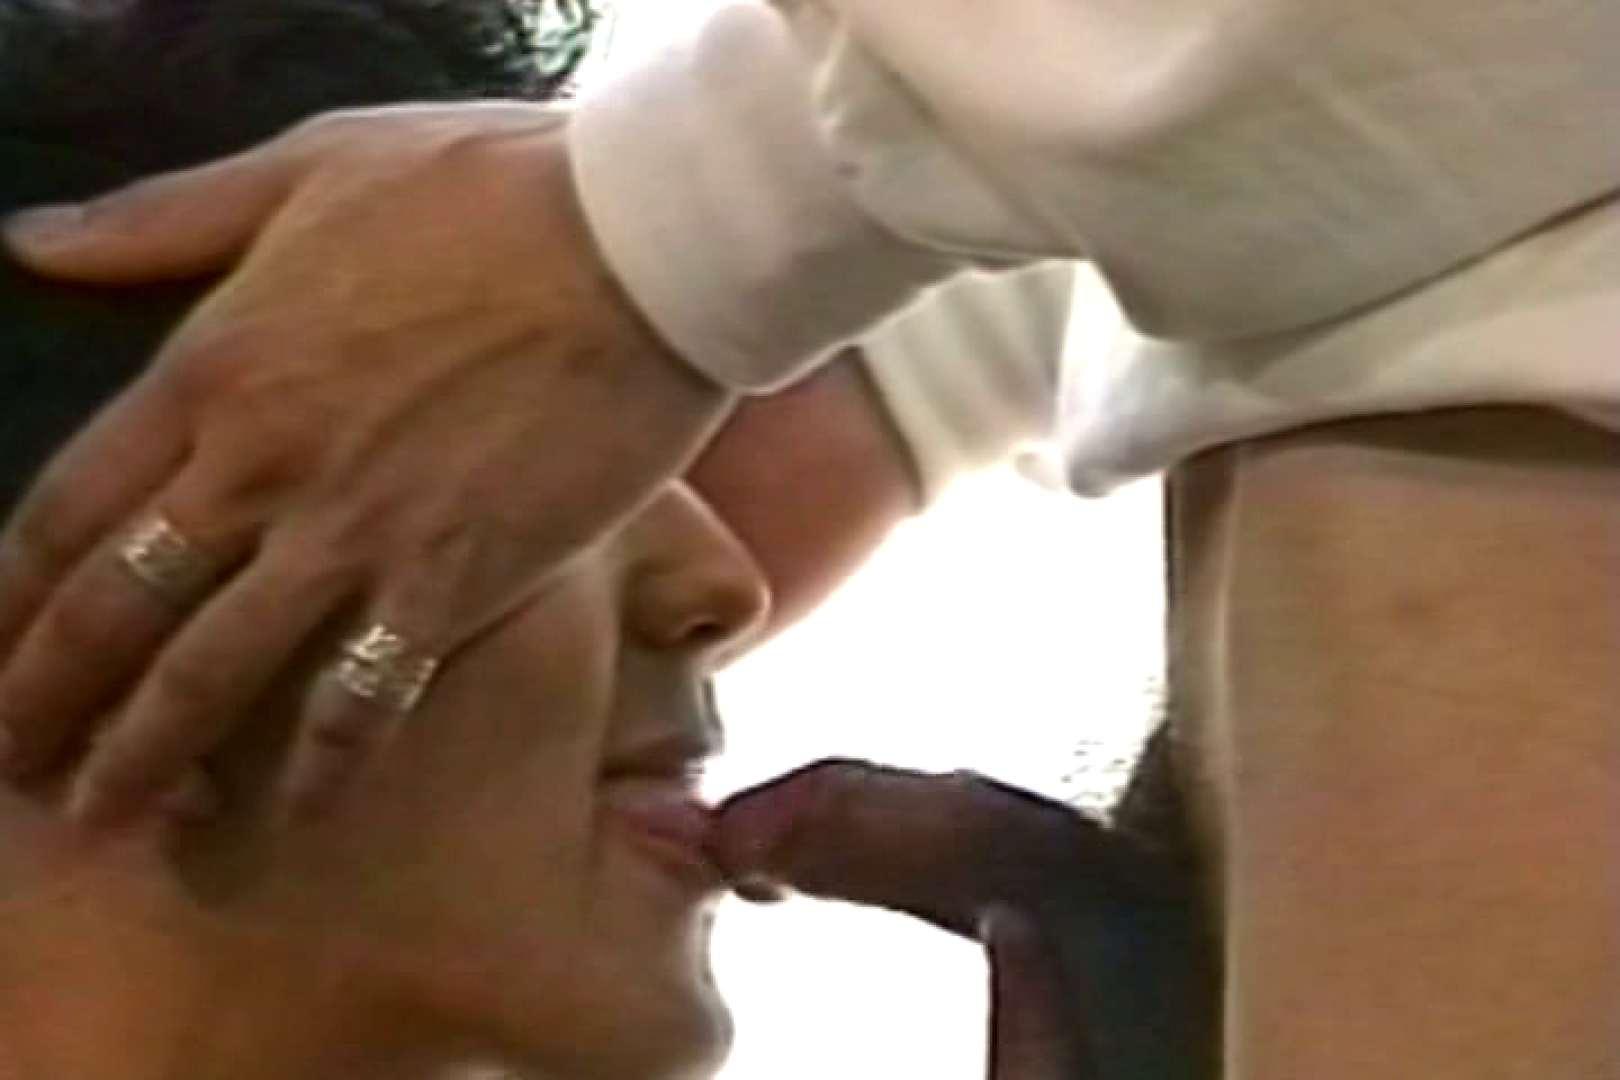 往年の名作 あの頃は若かった!Vol.01 エロ ゲイセックス画像 71枚 39